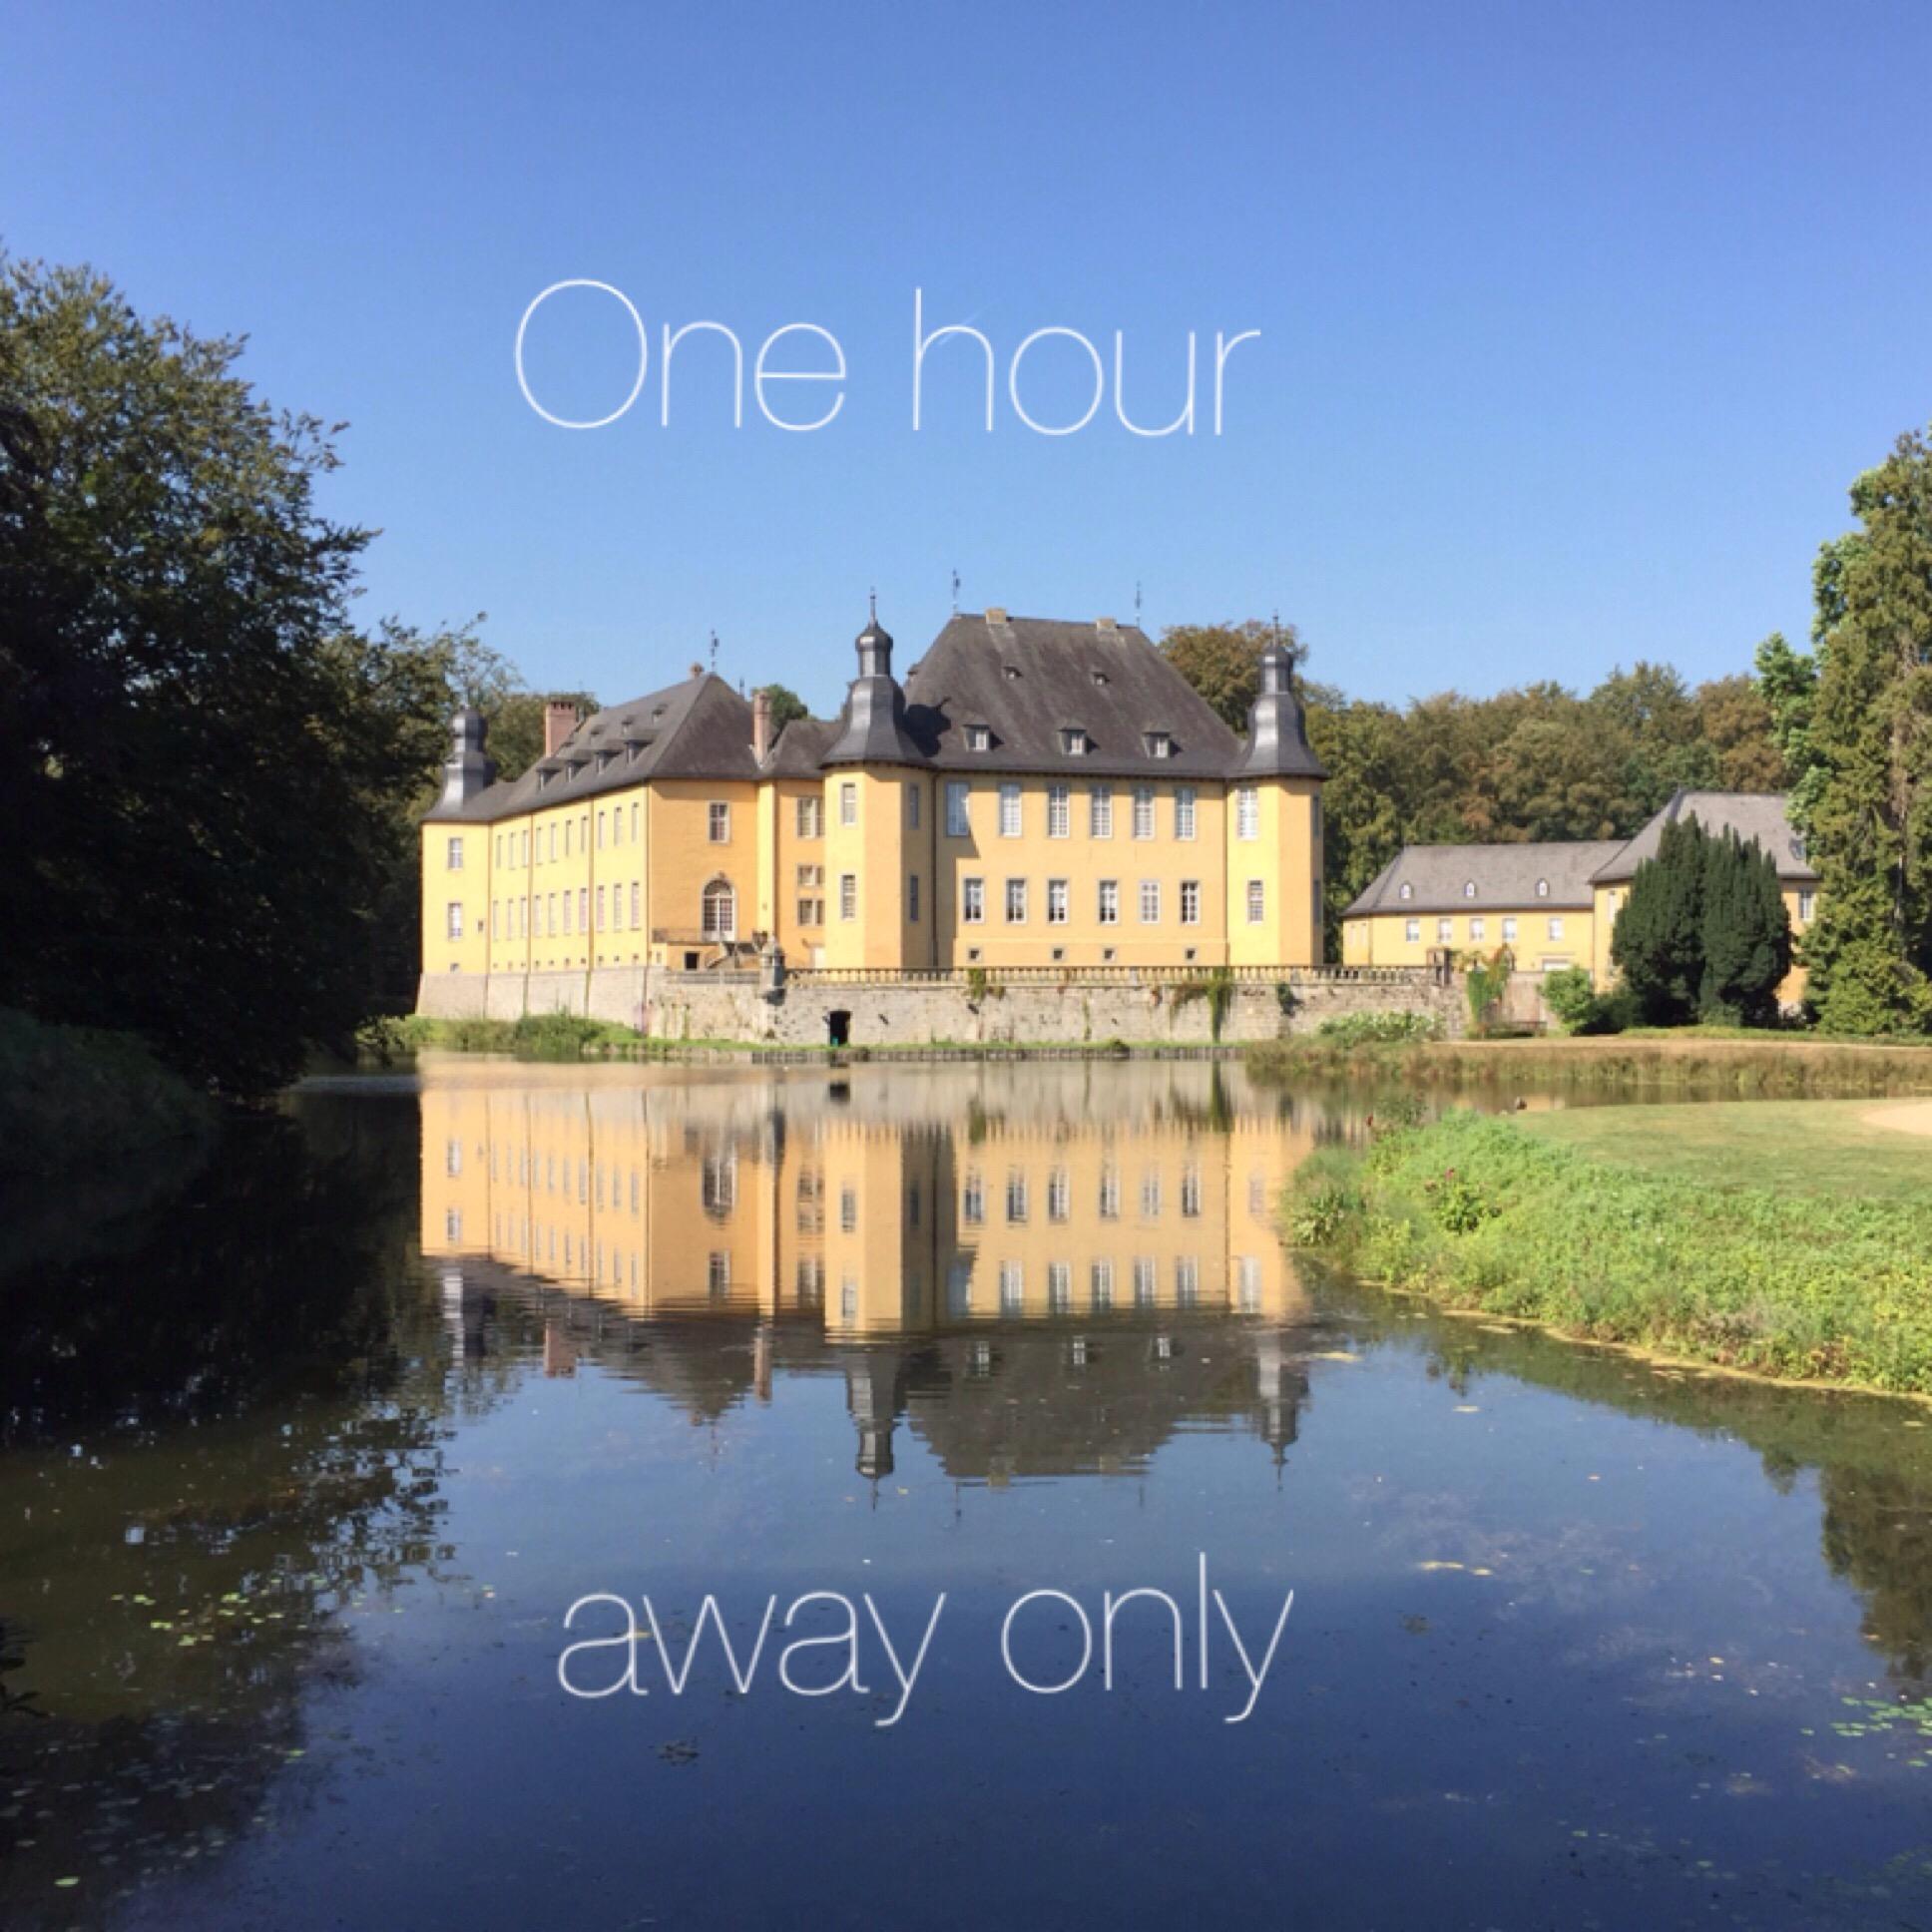 One Hour away only – oder – Sommer und Herbst im Schloß Dyk